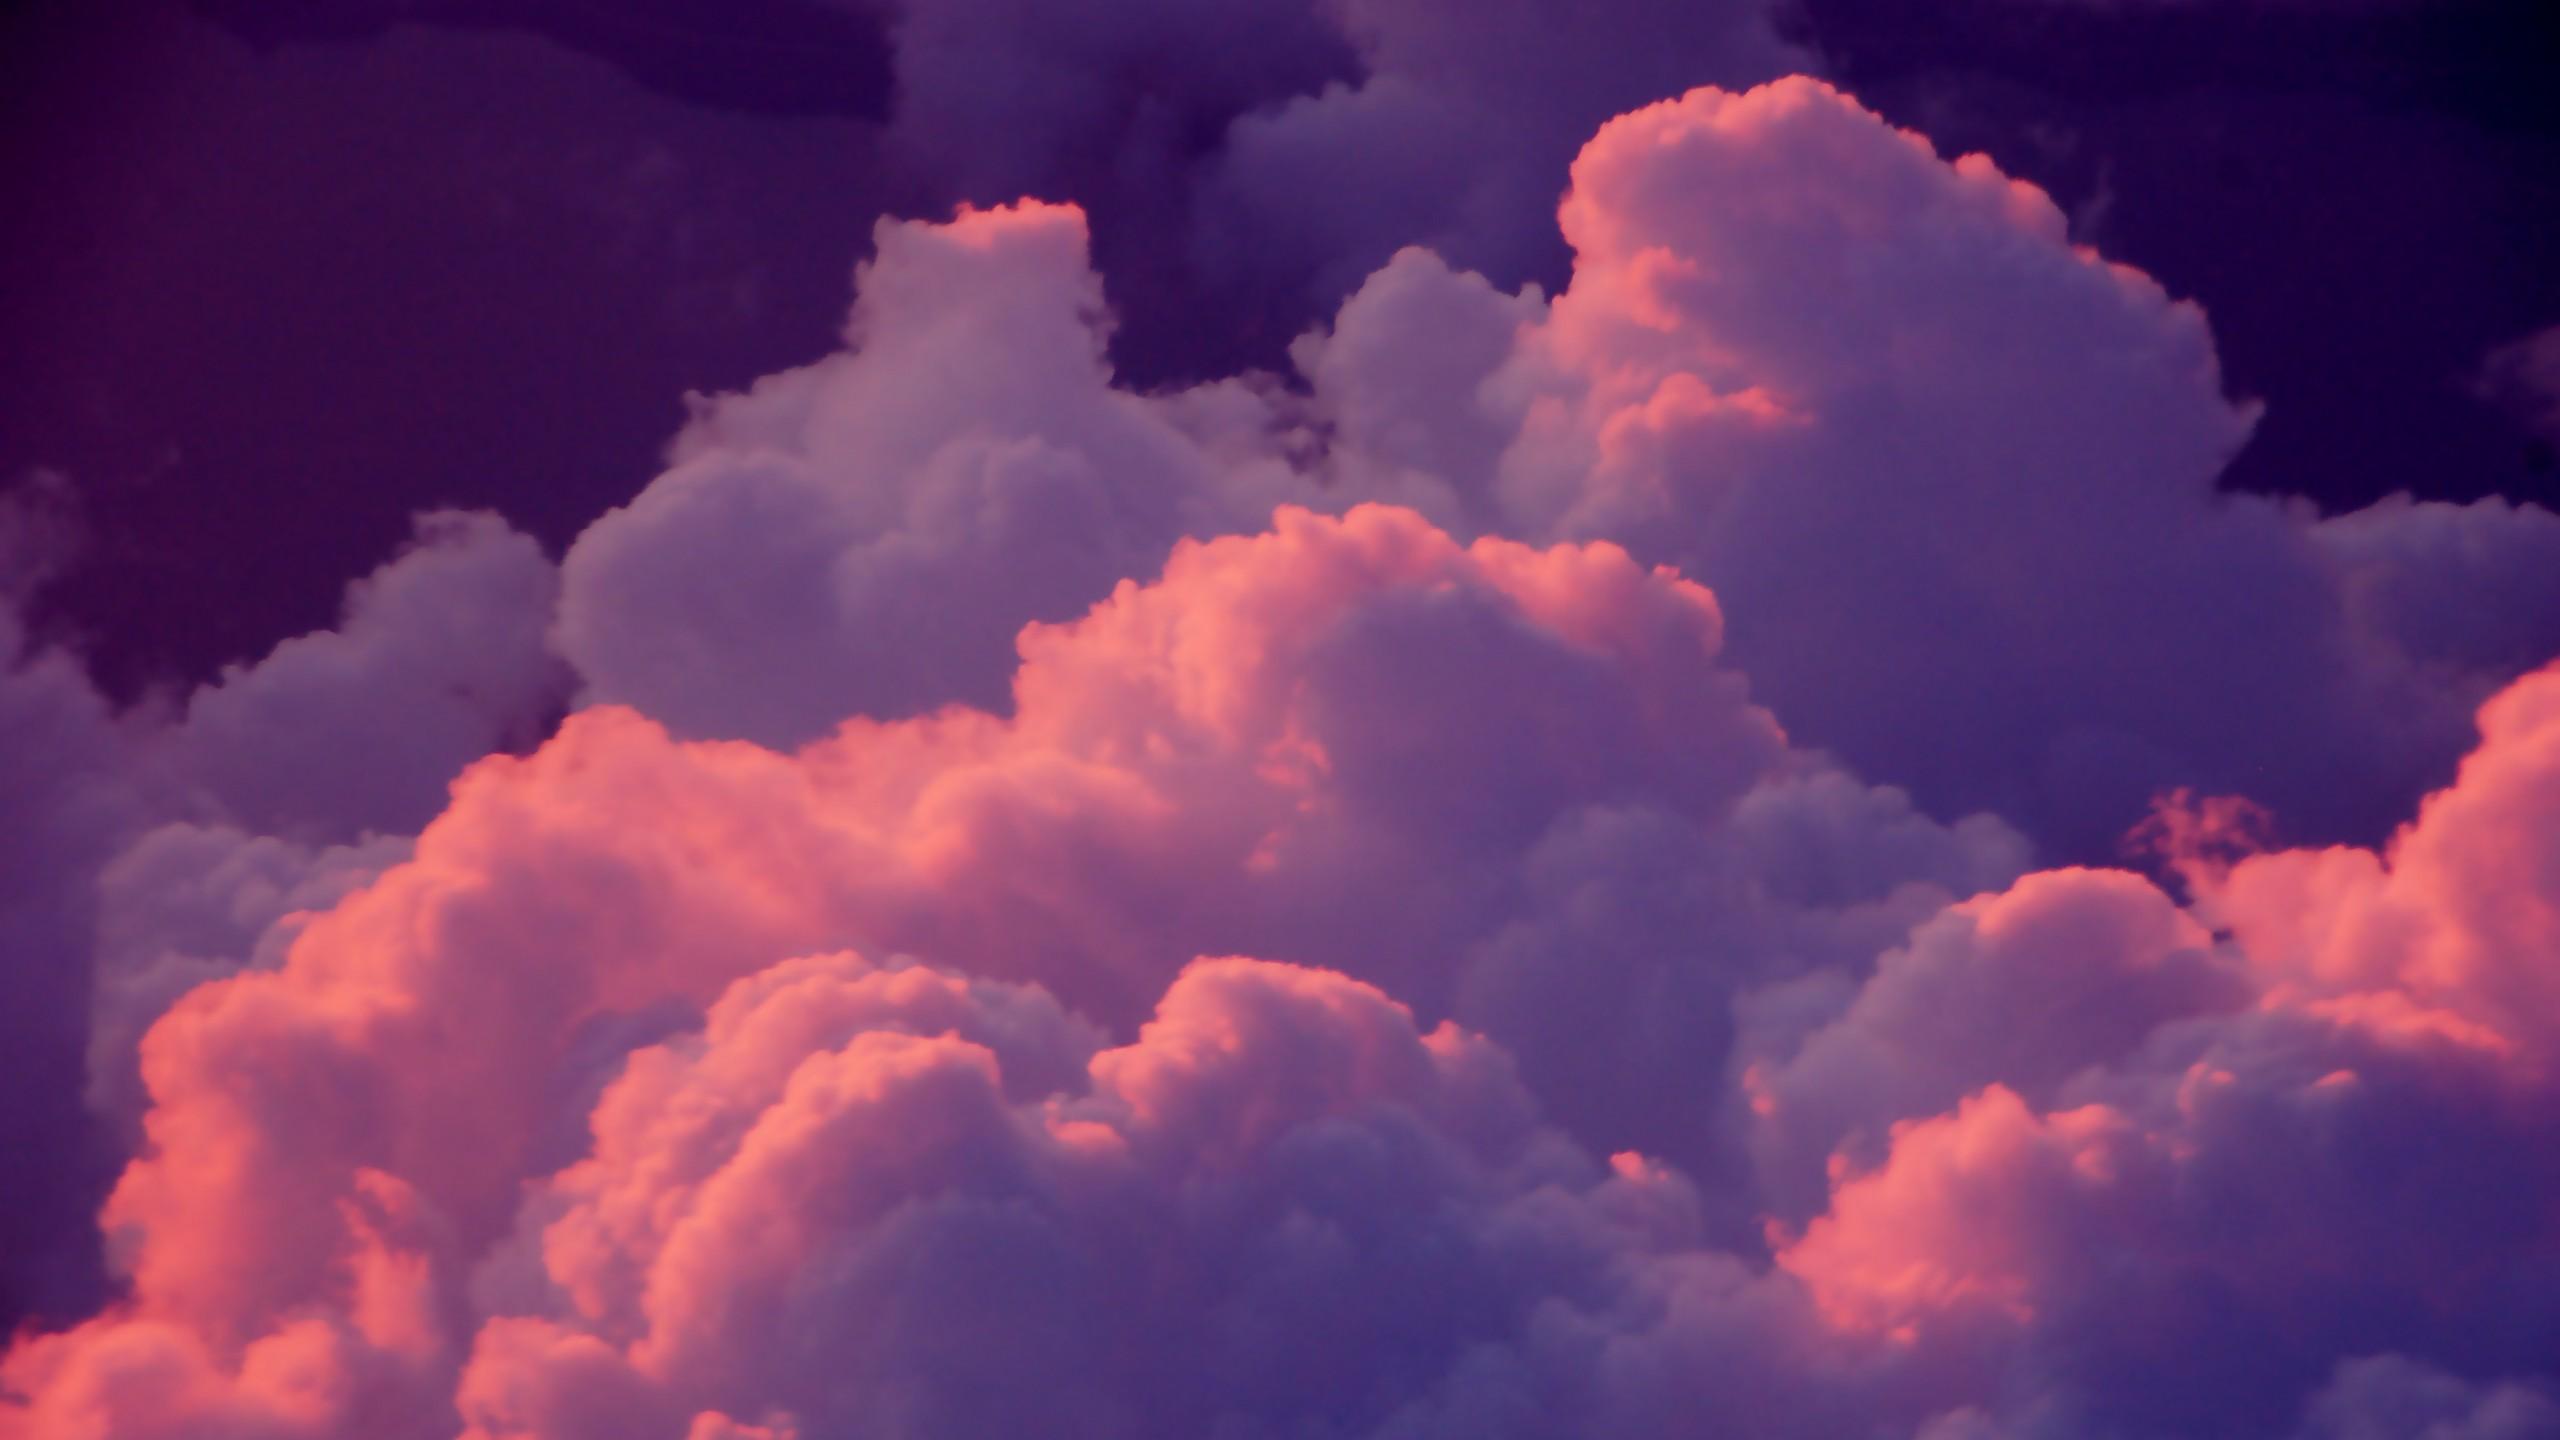 Fondos para fotos de nubes 34